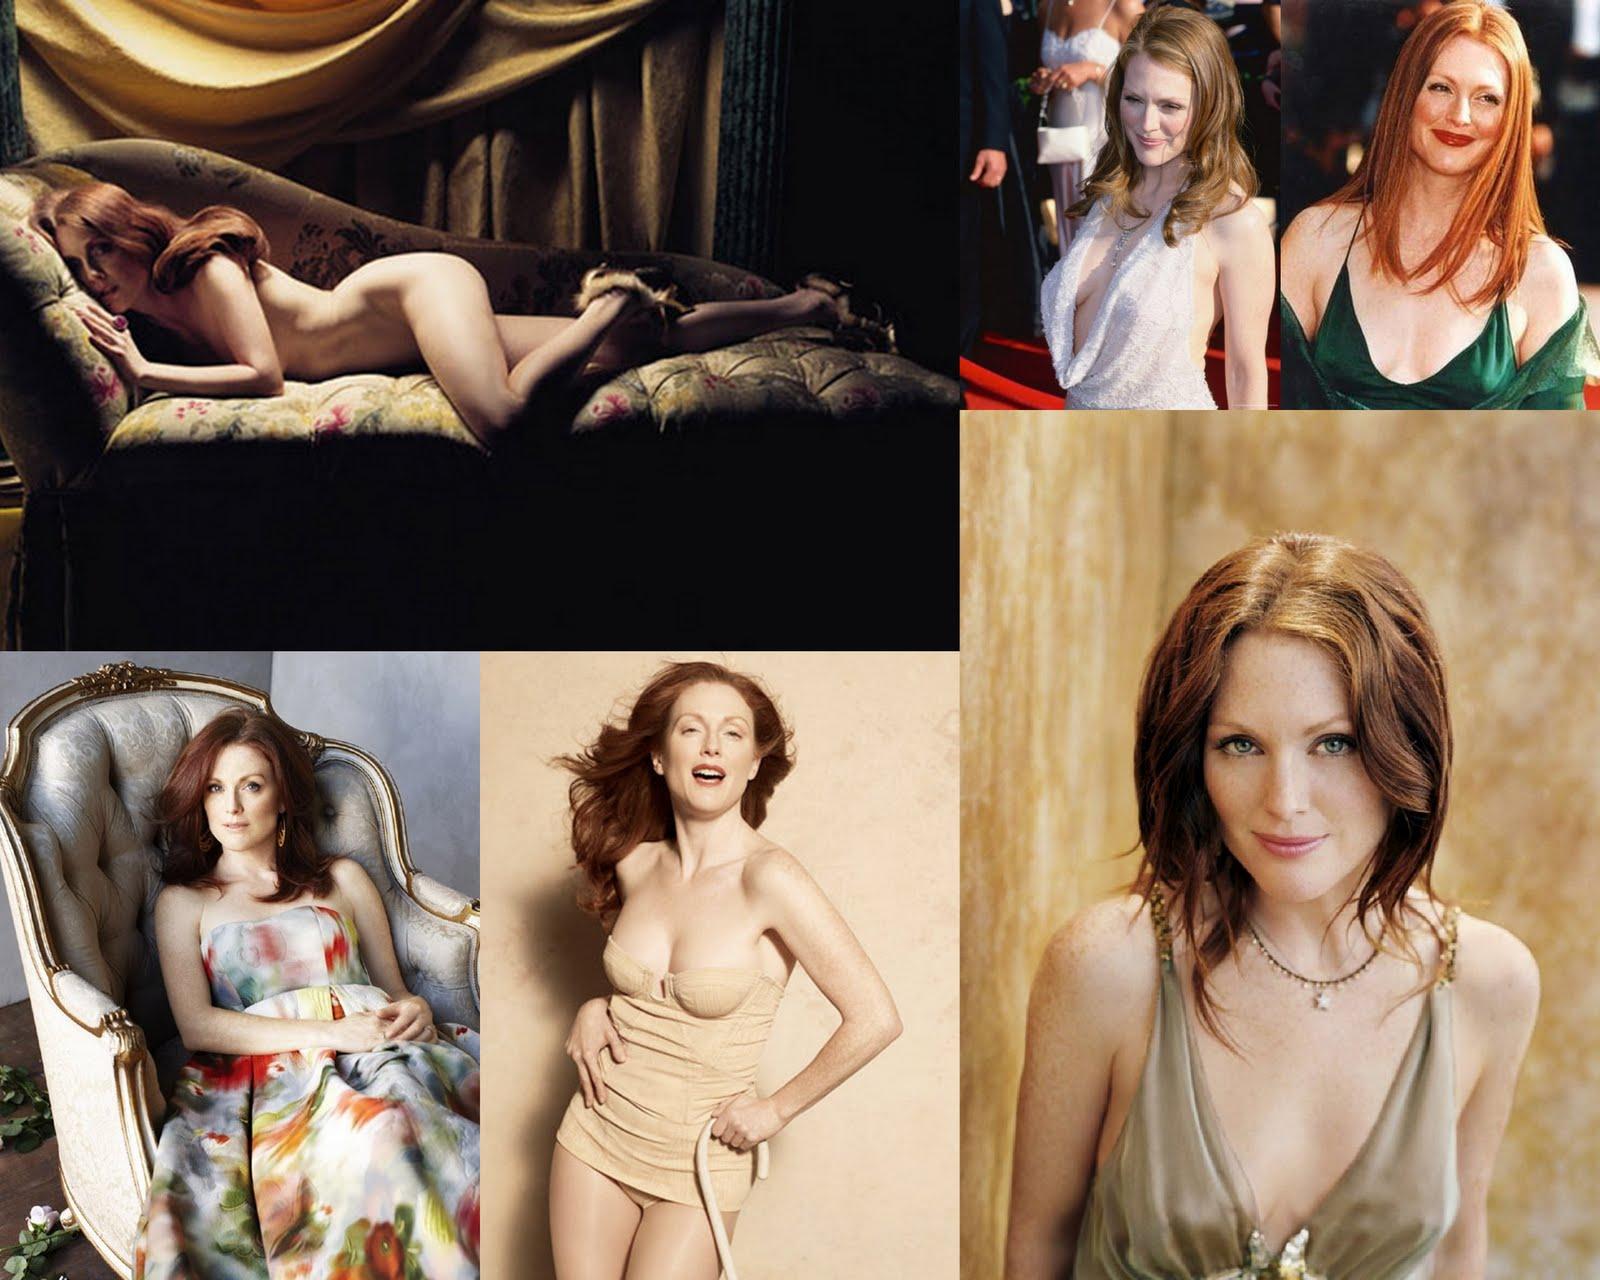 http://3.bp.blogspot.com/_gUE7gwvAj5w/S9JnRnzUlcI/AAAAAAAADzs/o_j7FJhoPG8/s1600/julianne-moore-collage.jpg